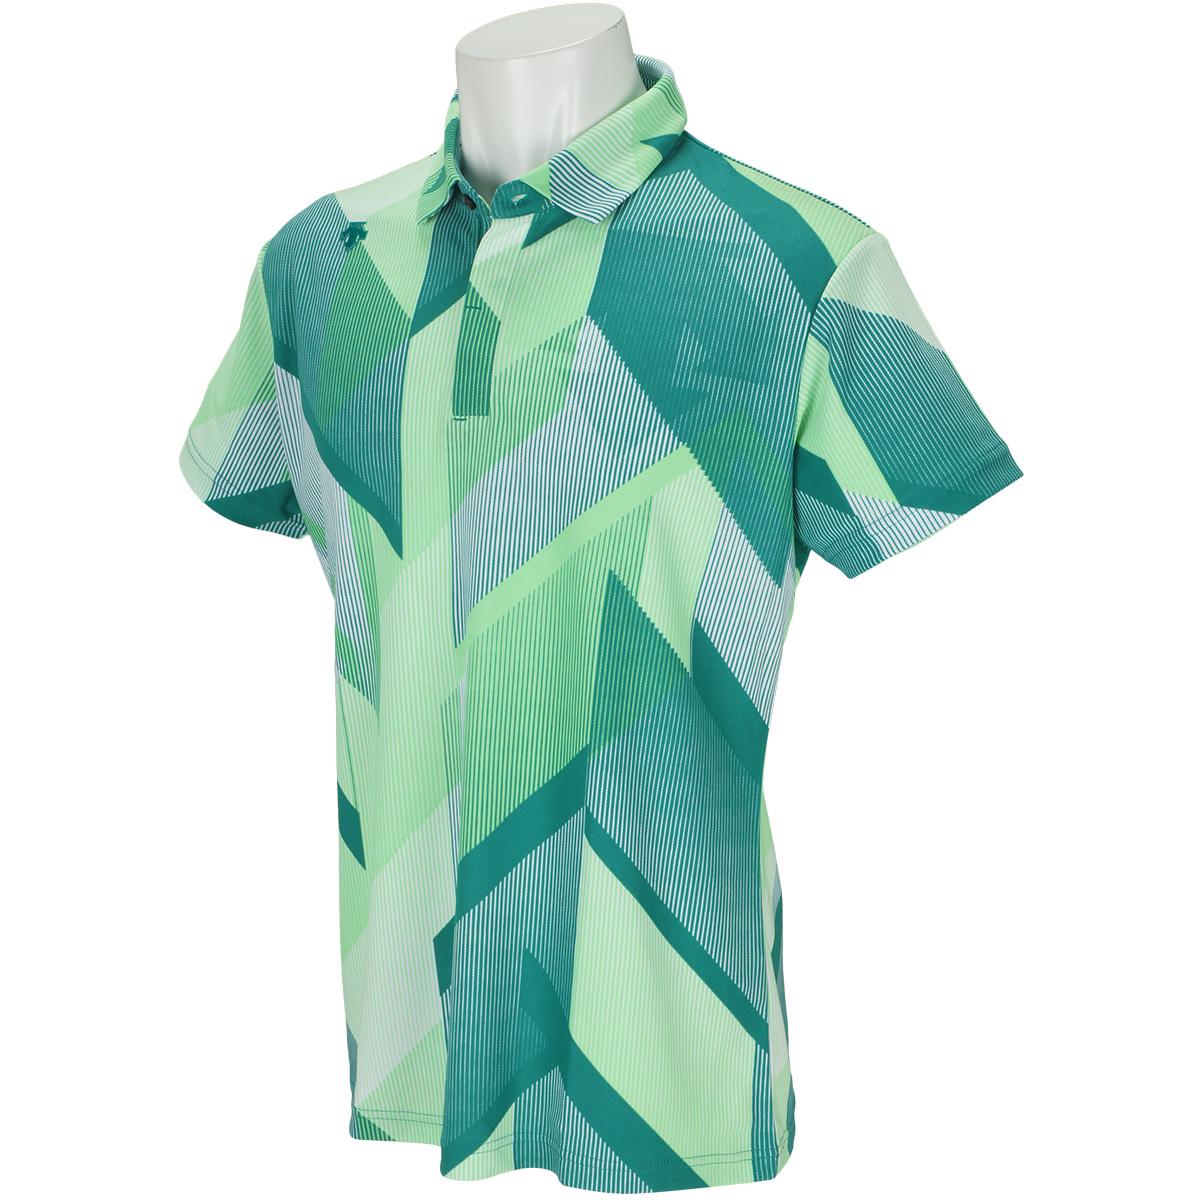 裏鹿の子 KAZEプリント半袖ポロシャツ